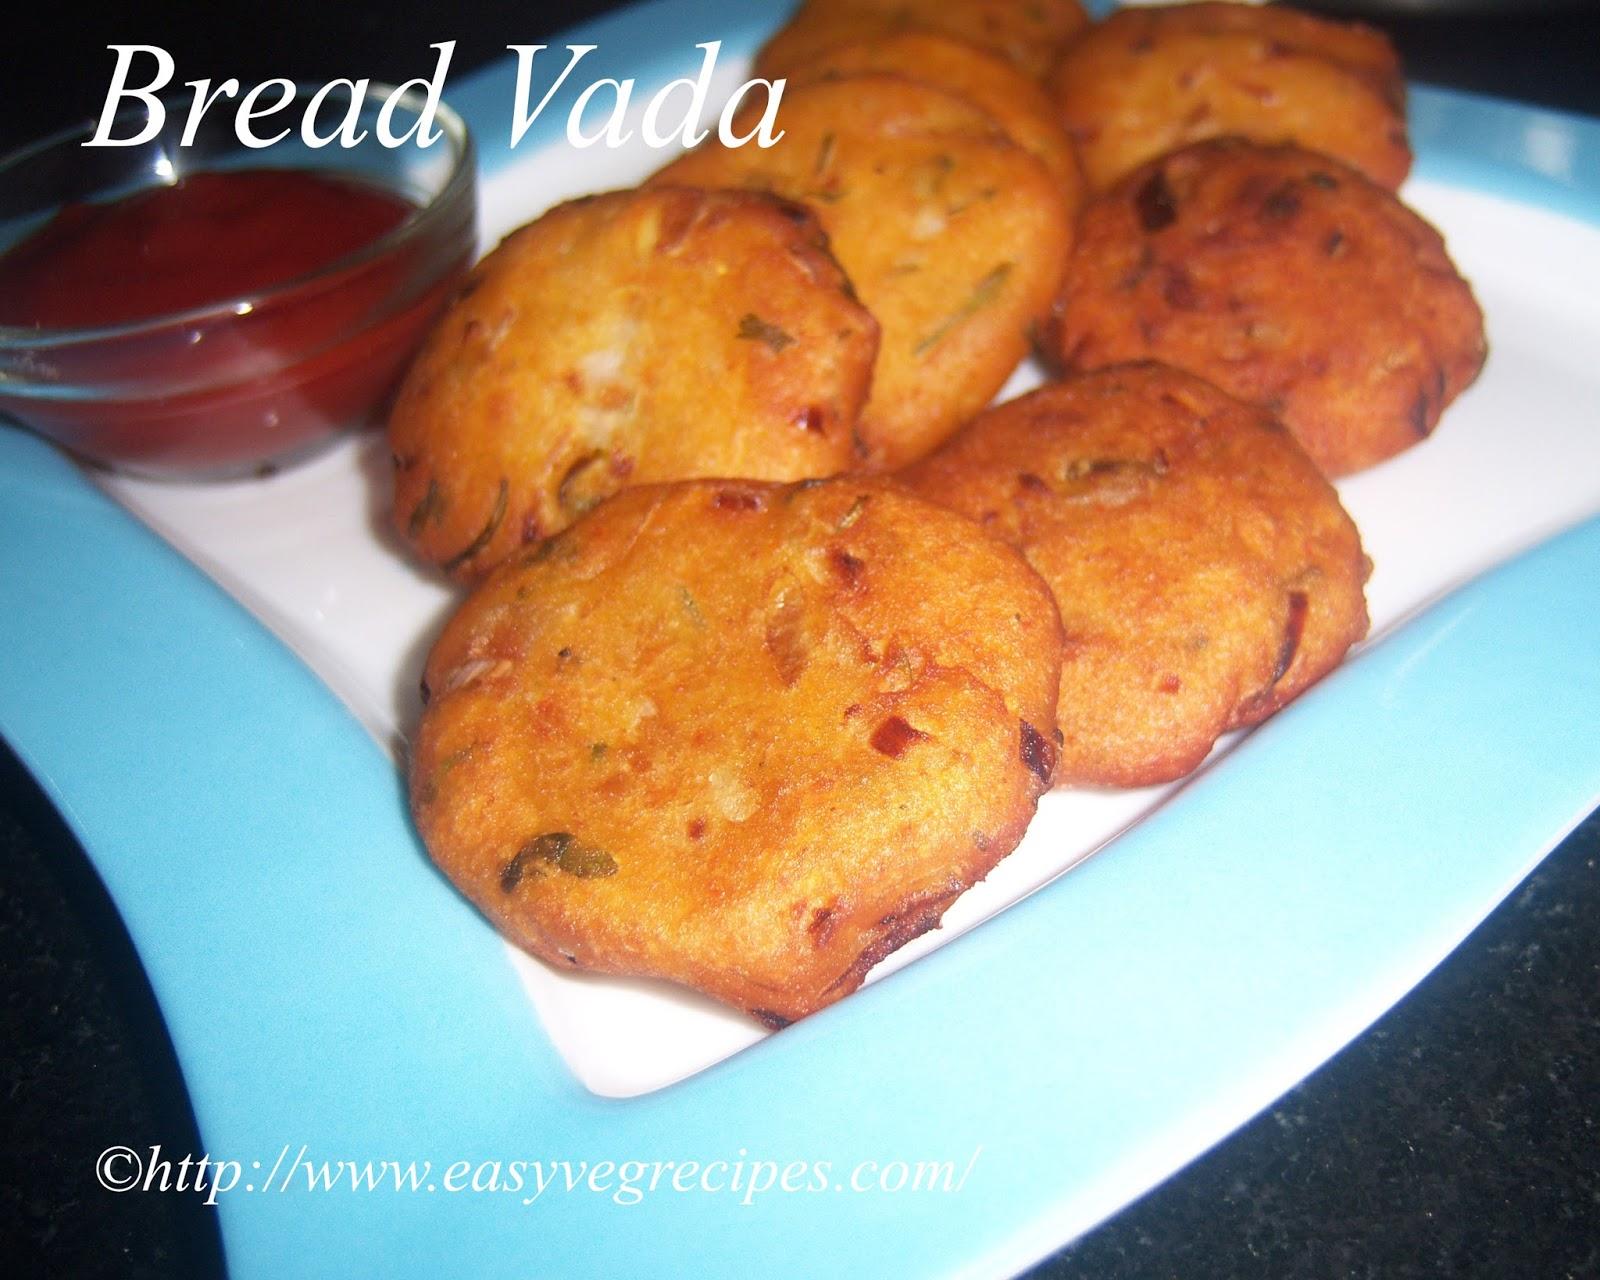 Bread Vada